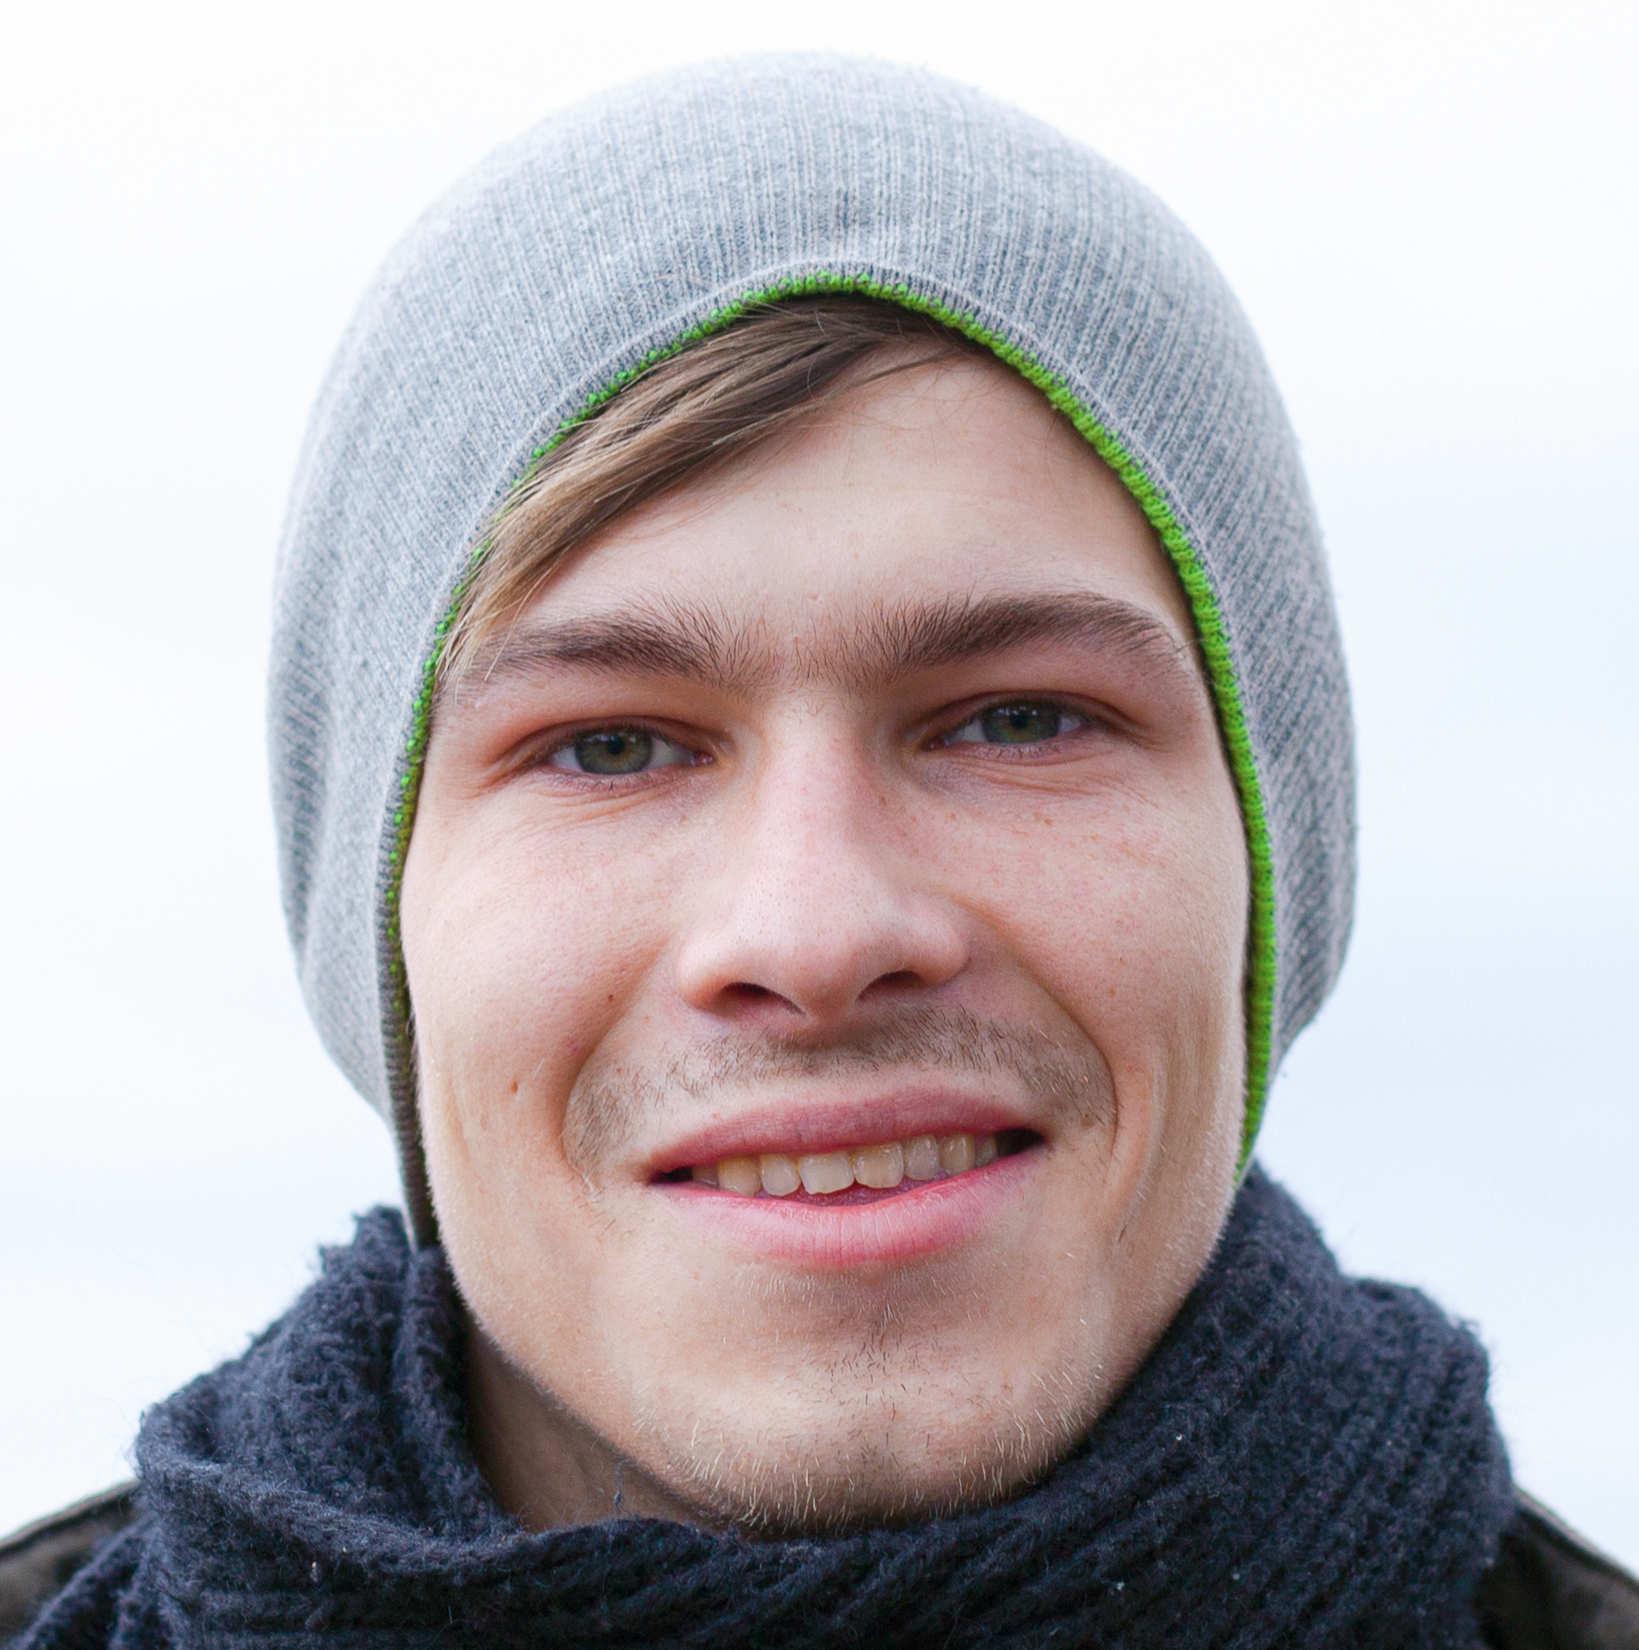 Marcin, 24